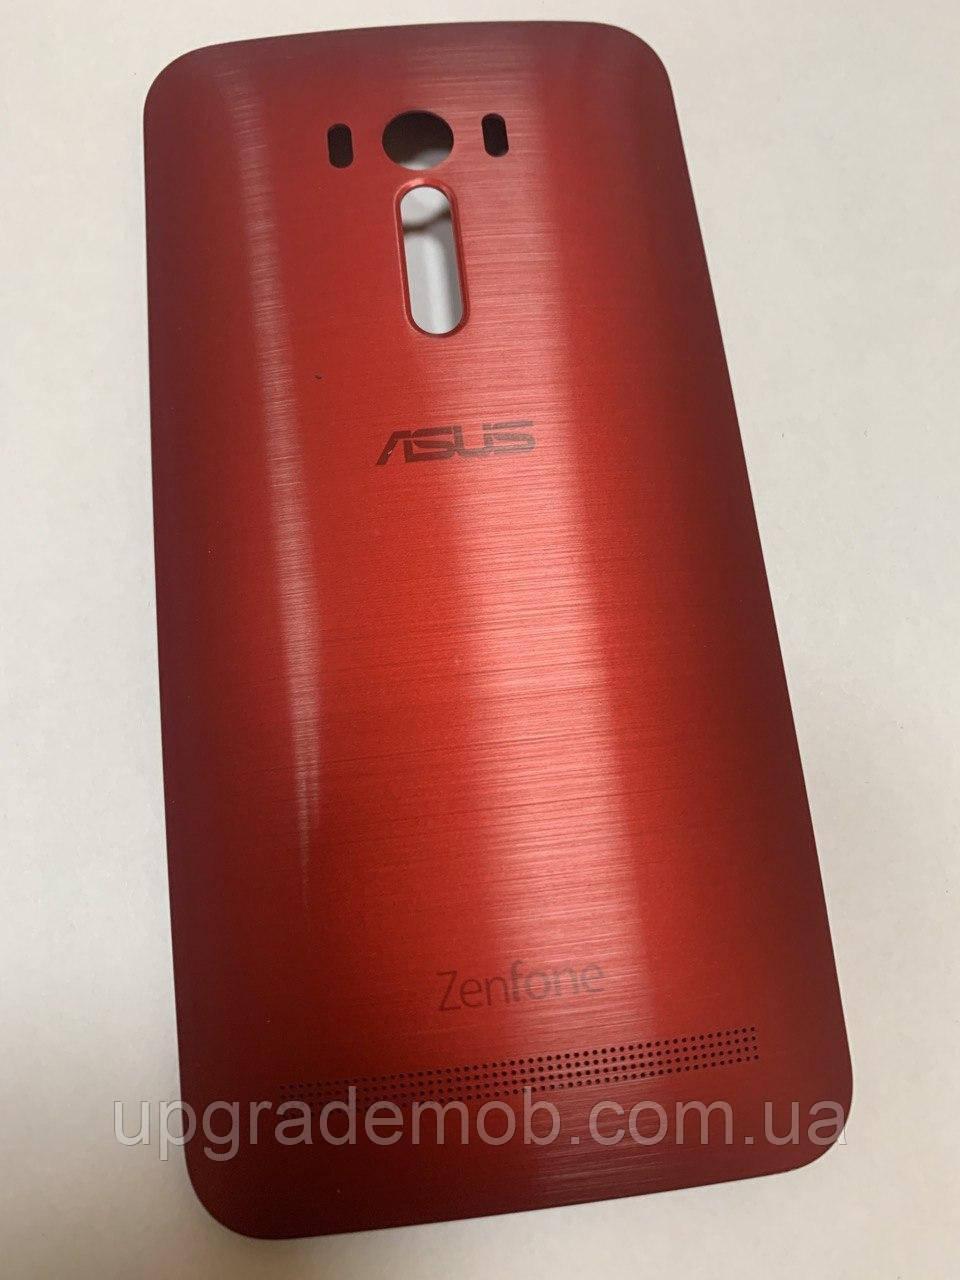 Задняя крышка Asus ZenFone Selfie ZD551KL, красная, оригинал